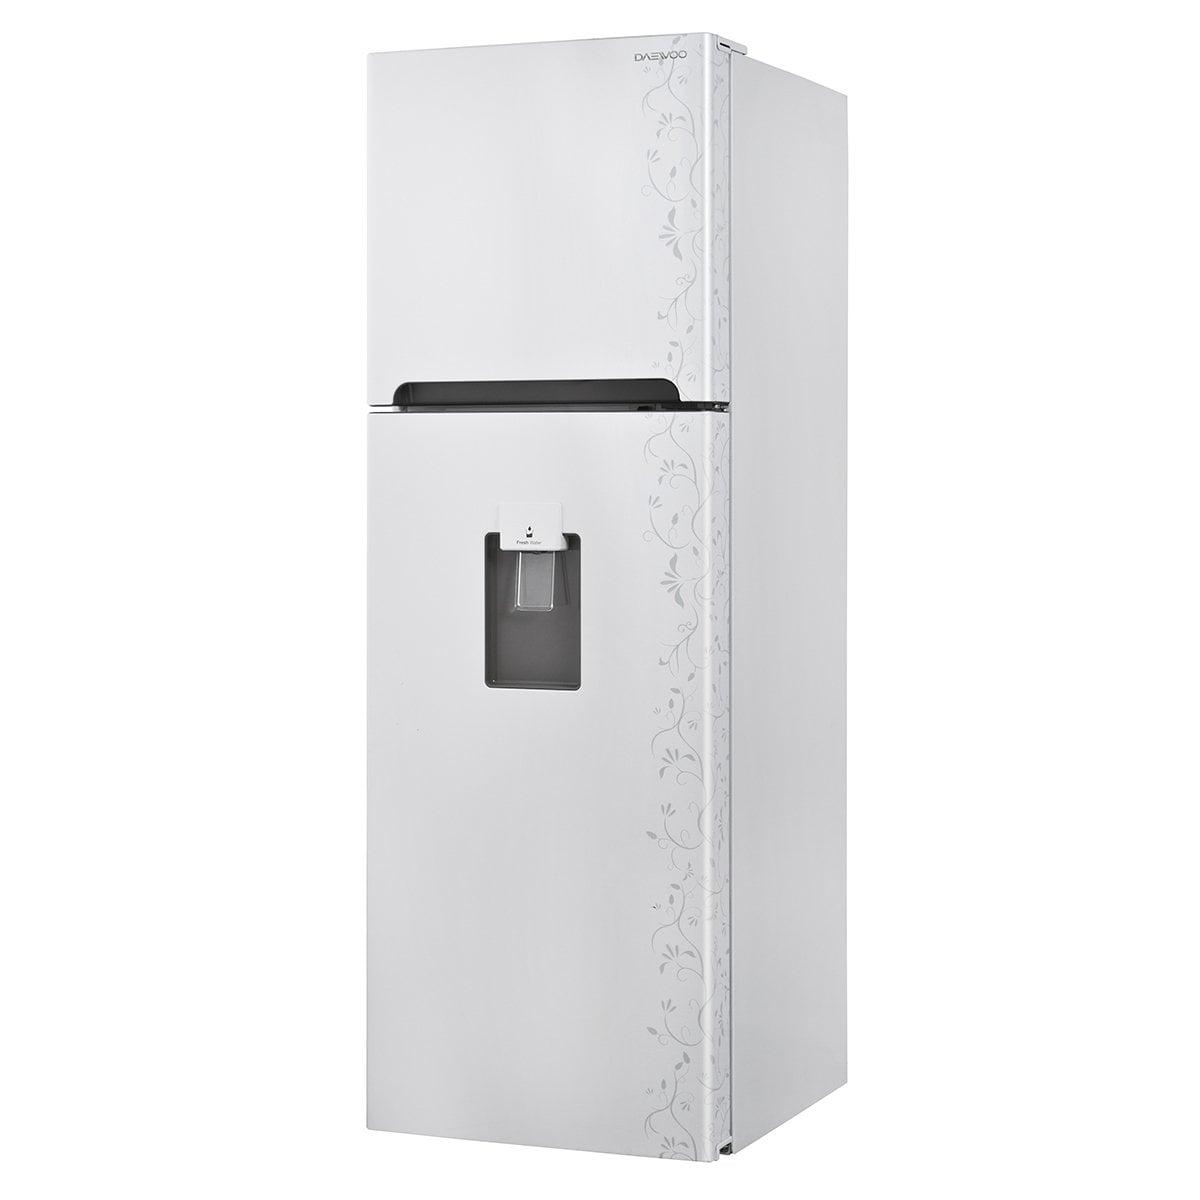 Refrigerador Daewoo Top Mount 9 Pies Cúbicos Blanco